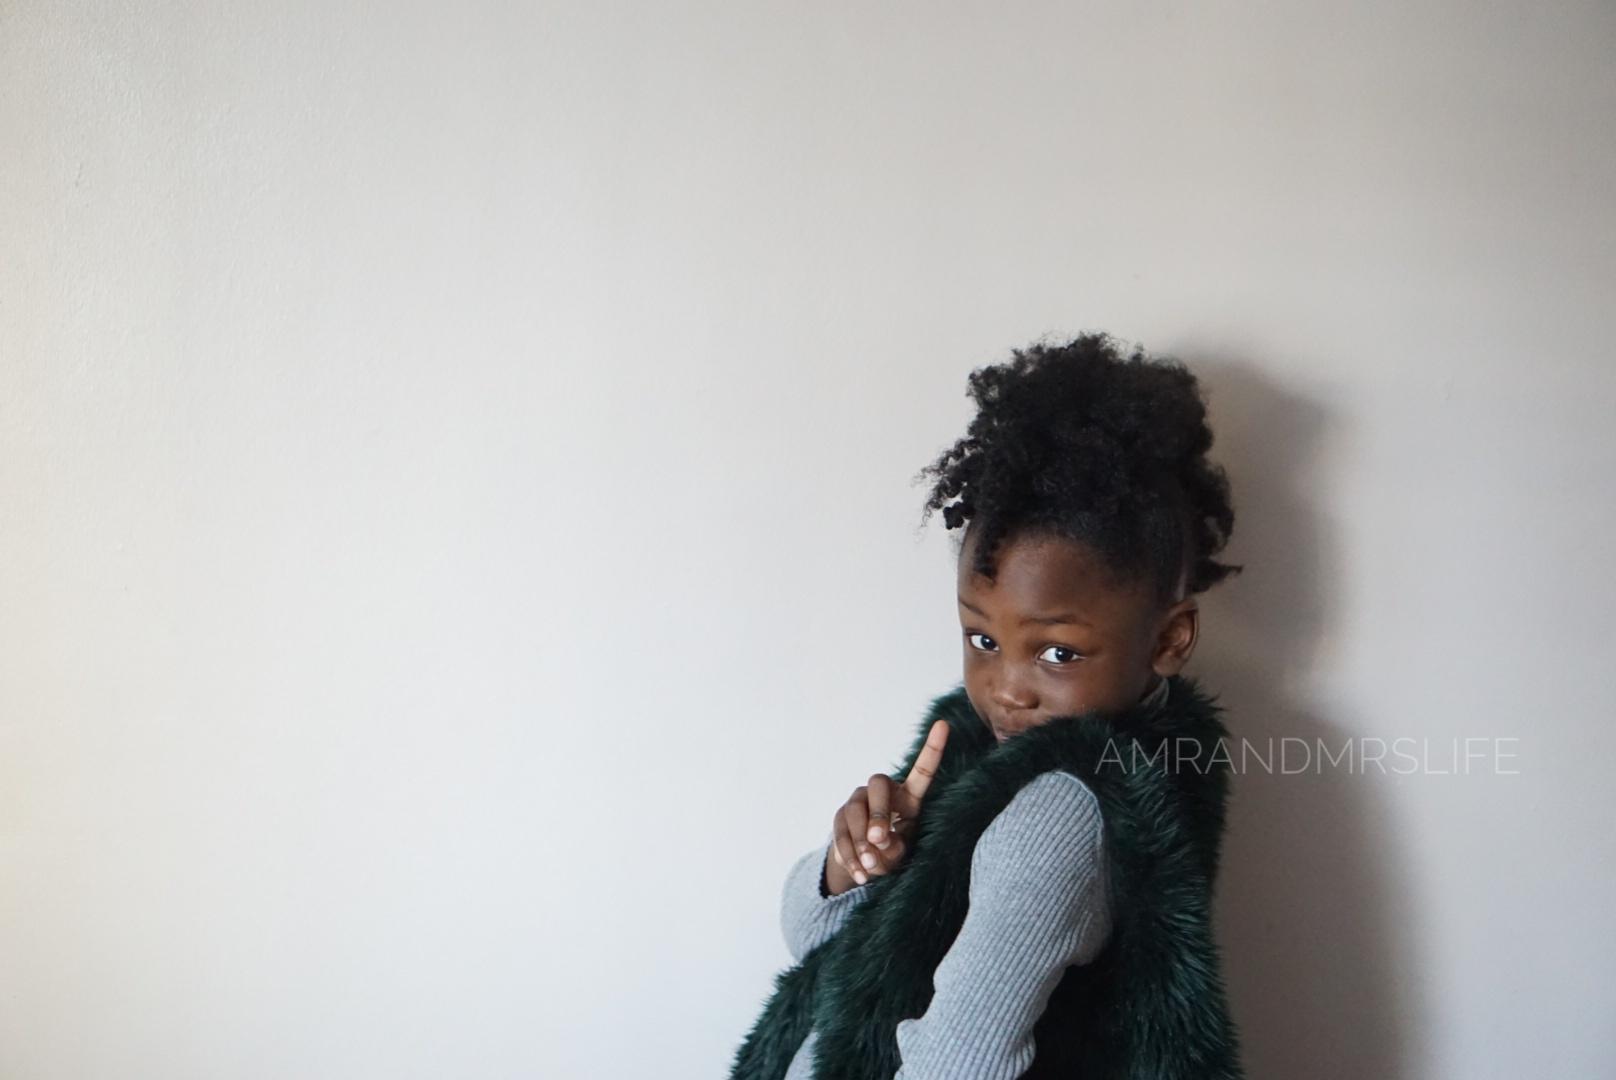 Lil Miss-Photo by amrandmrslife